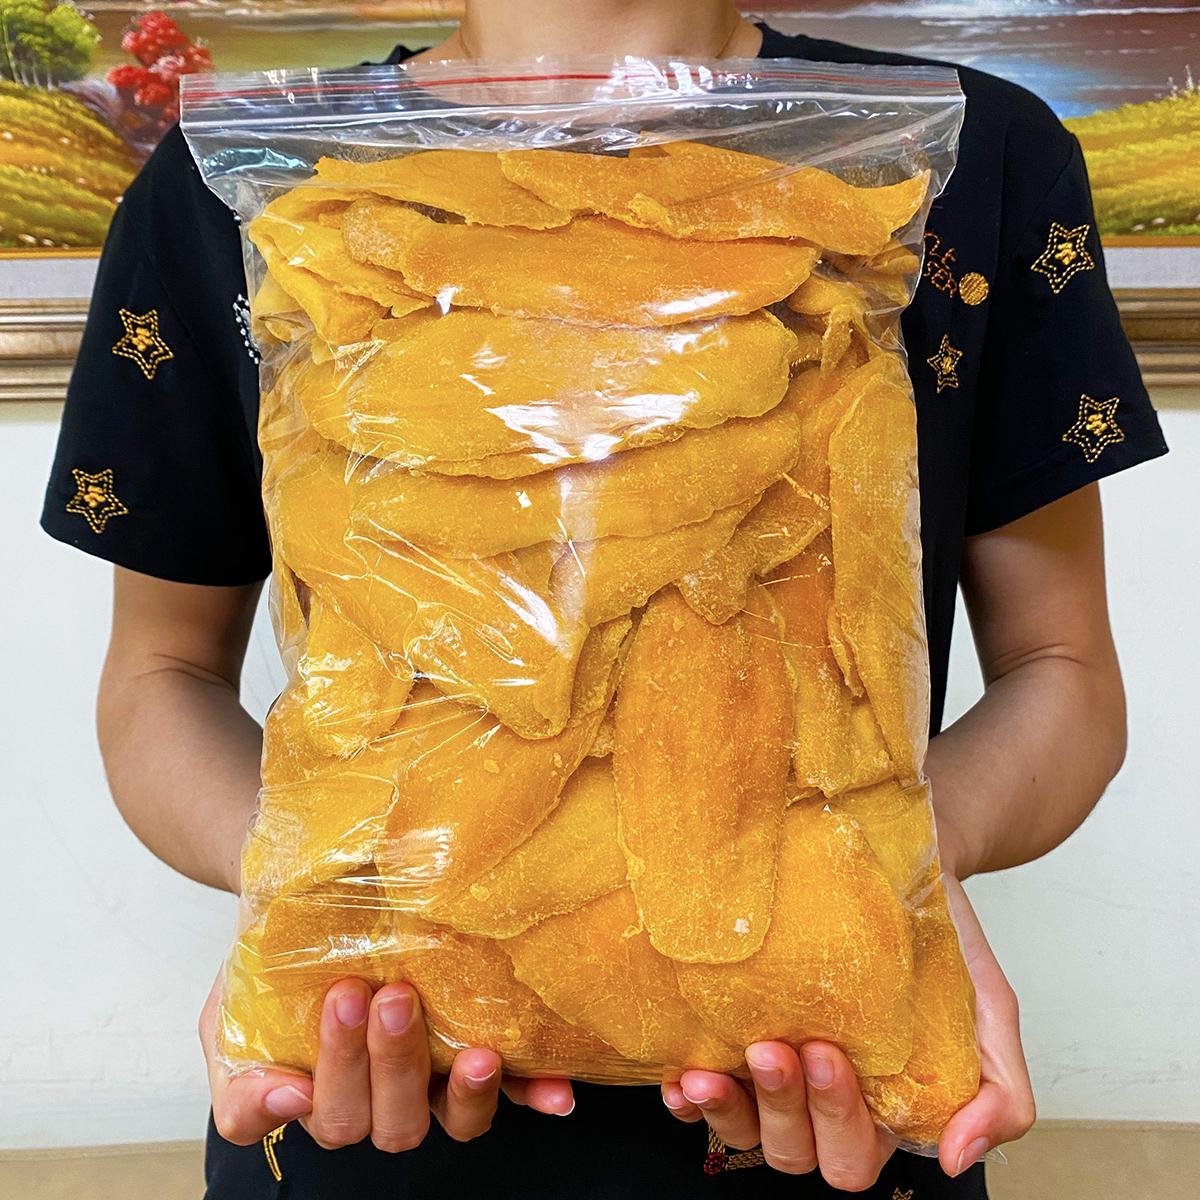 菲律宾风味芒果干500g水果干大礼包果脯蜜饯果干一整箱装零食包邮图片